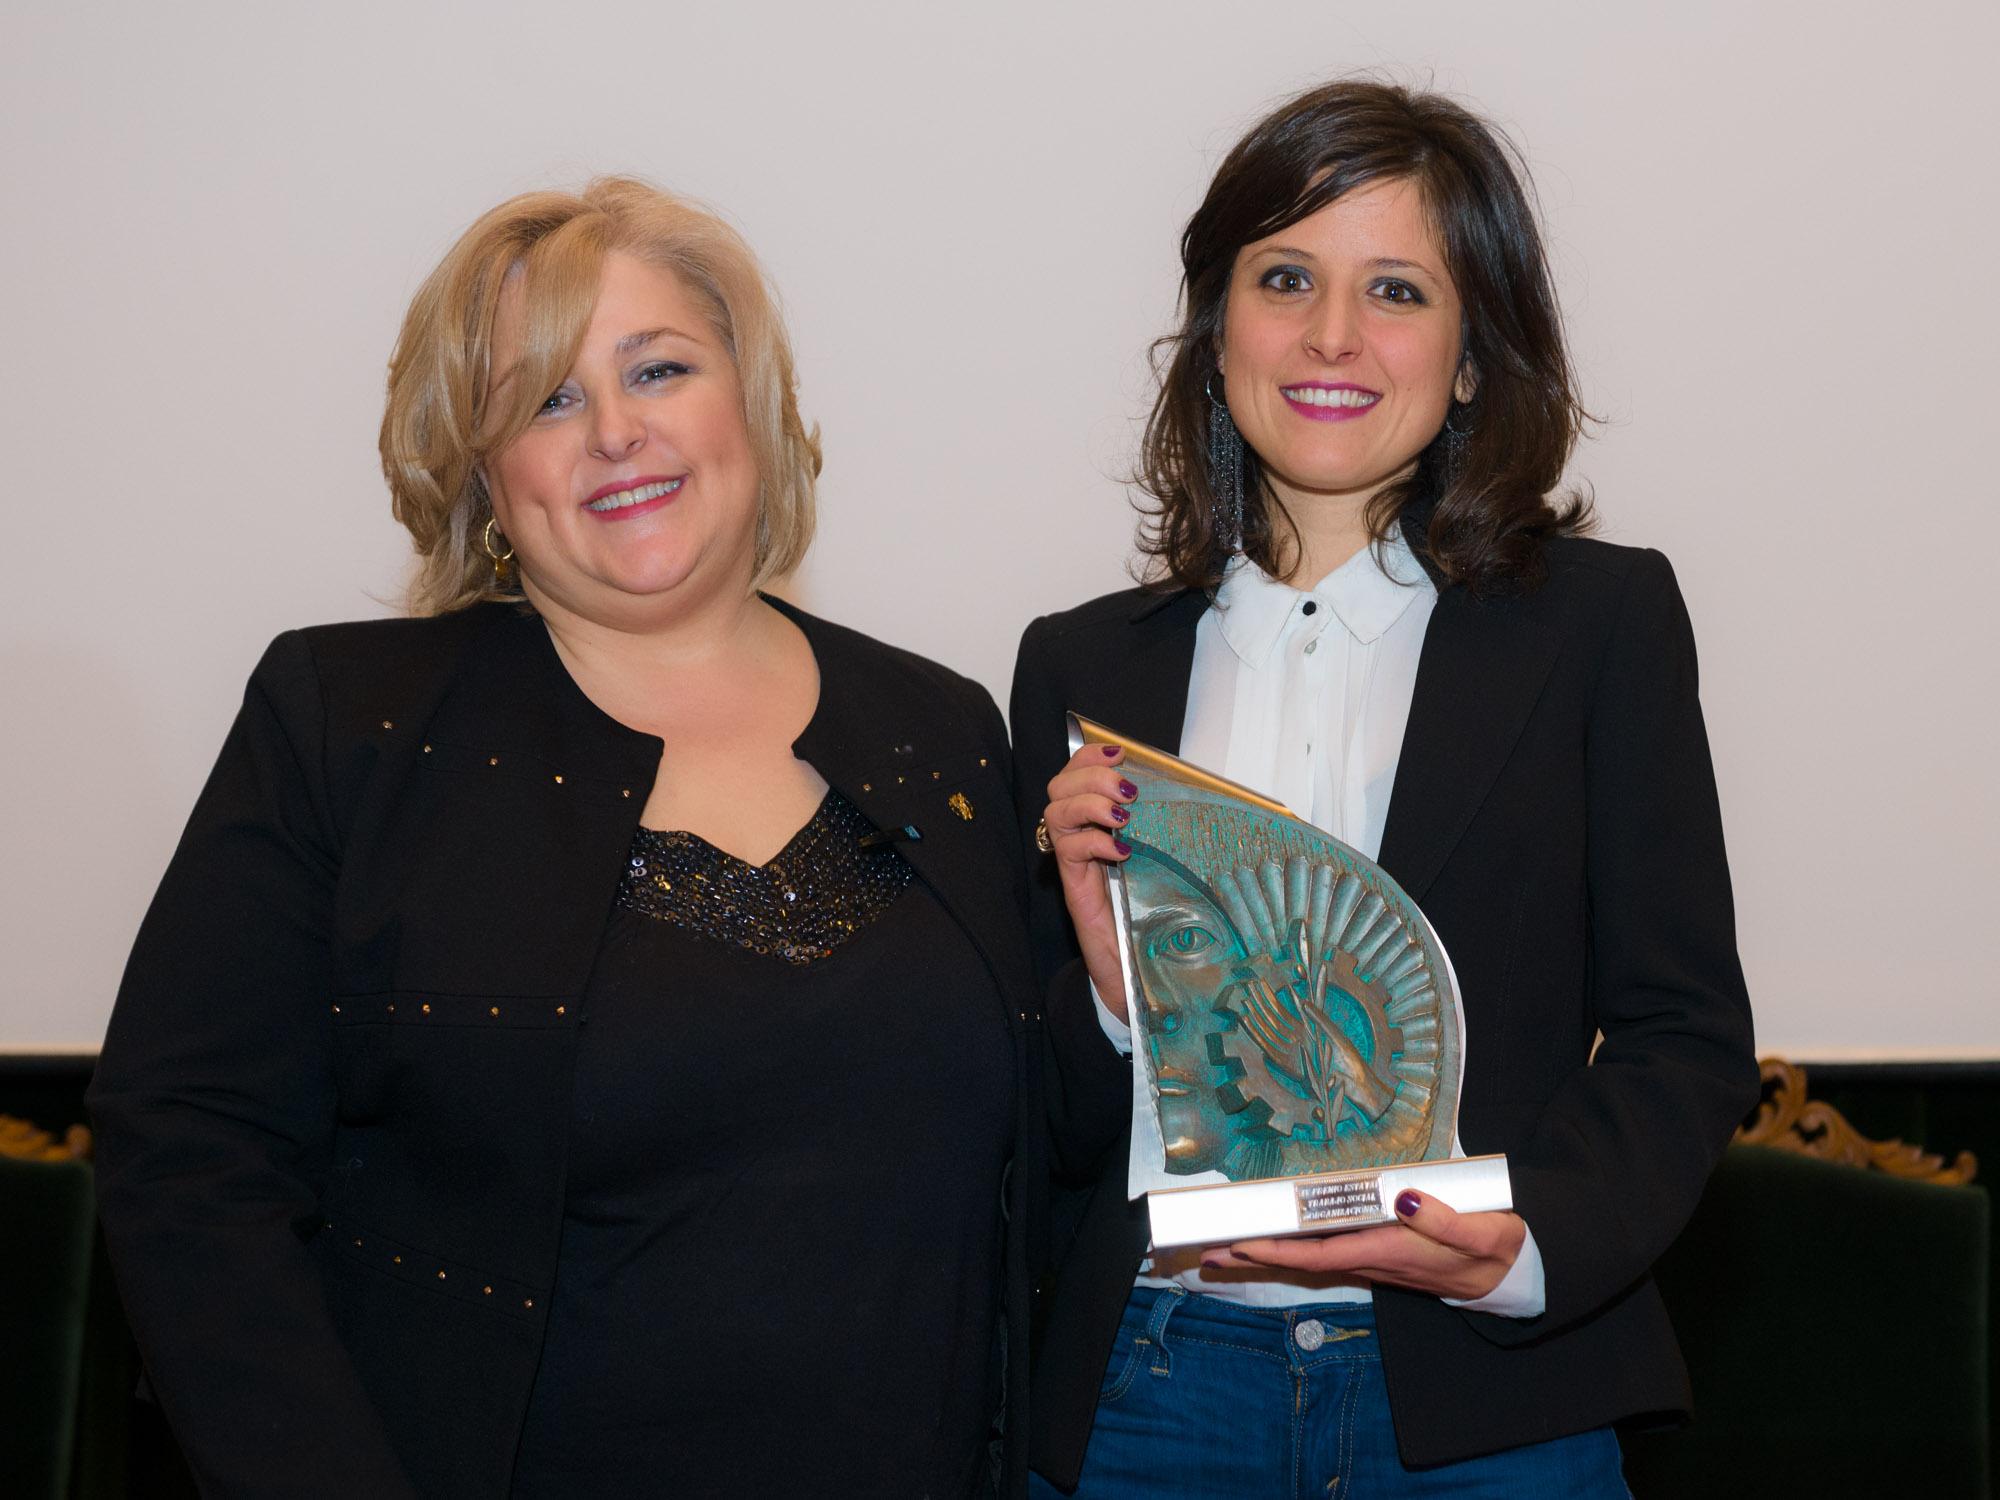 Fotografía da entrega do IV Premio estatal del trabajo Social-Pazo de Fonseca-Santiago de Compostela